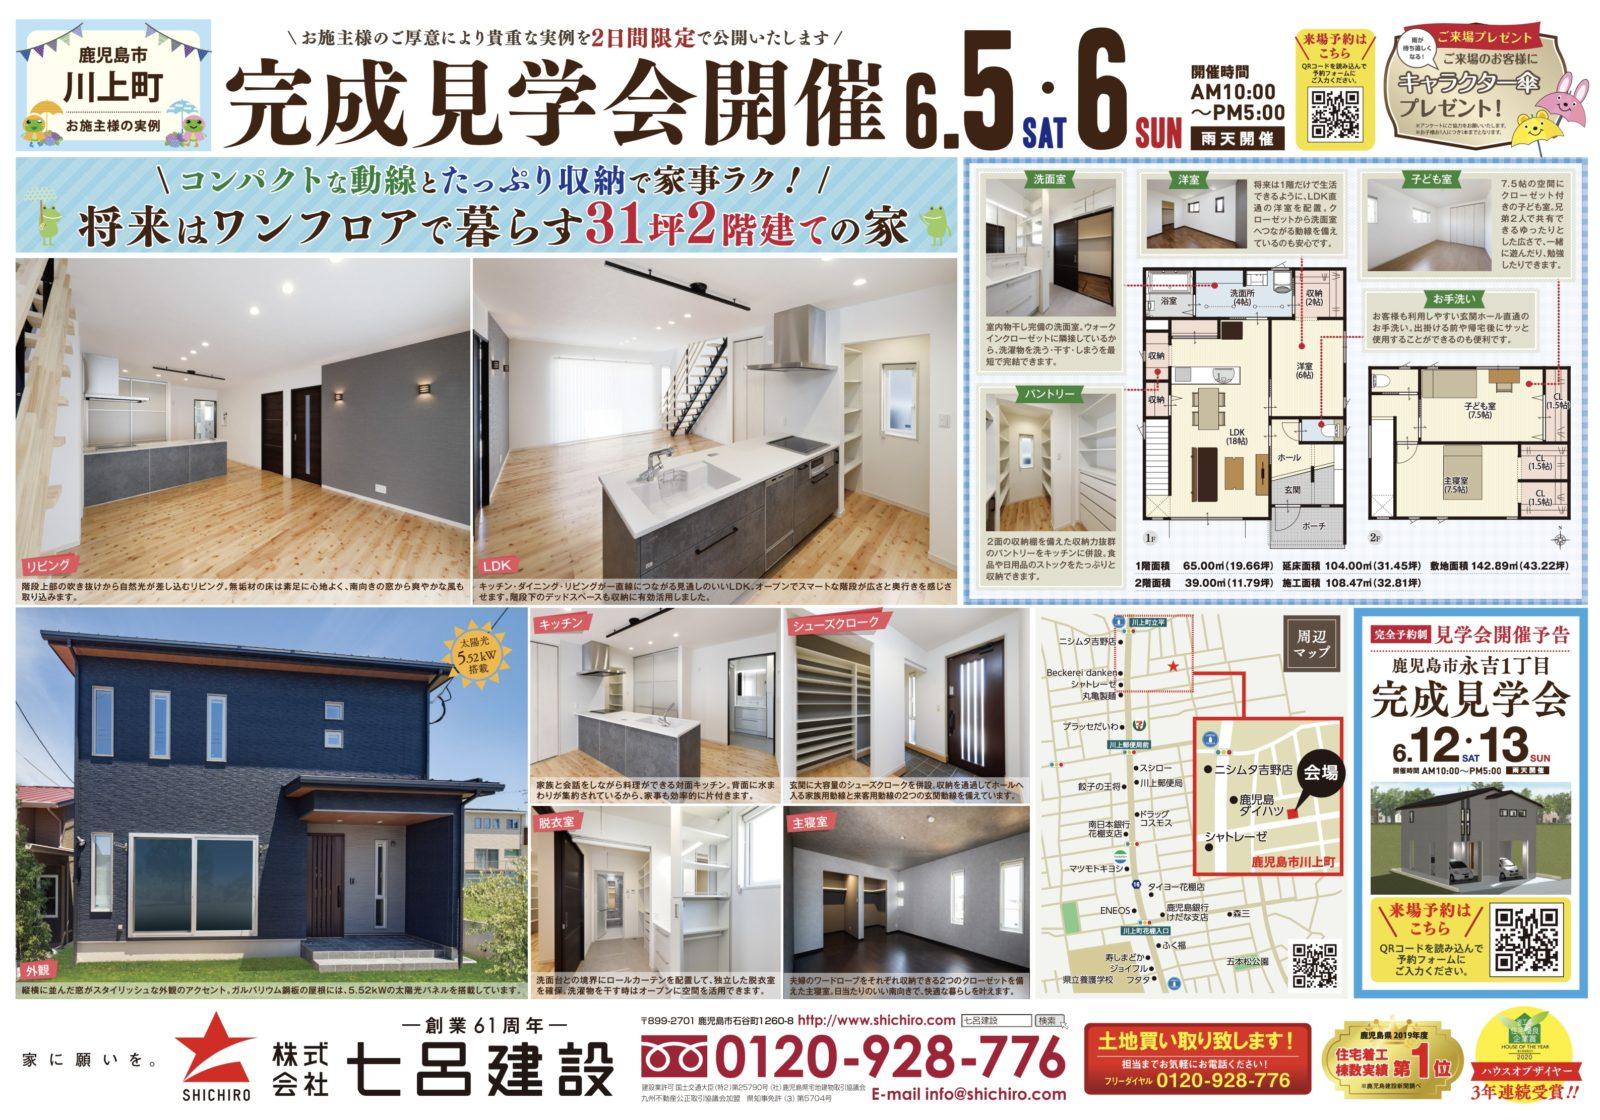 鹿児島市川上町で完成見学会 将来はワンフロアで暮らす31坪2階建ての家   七呂建設